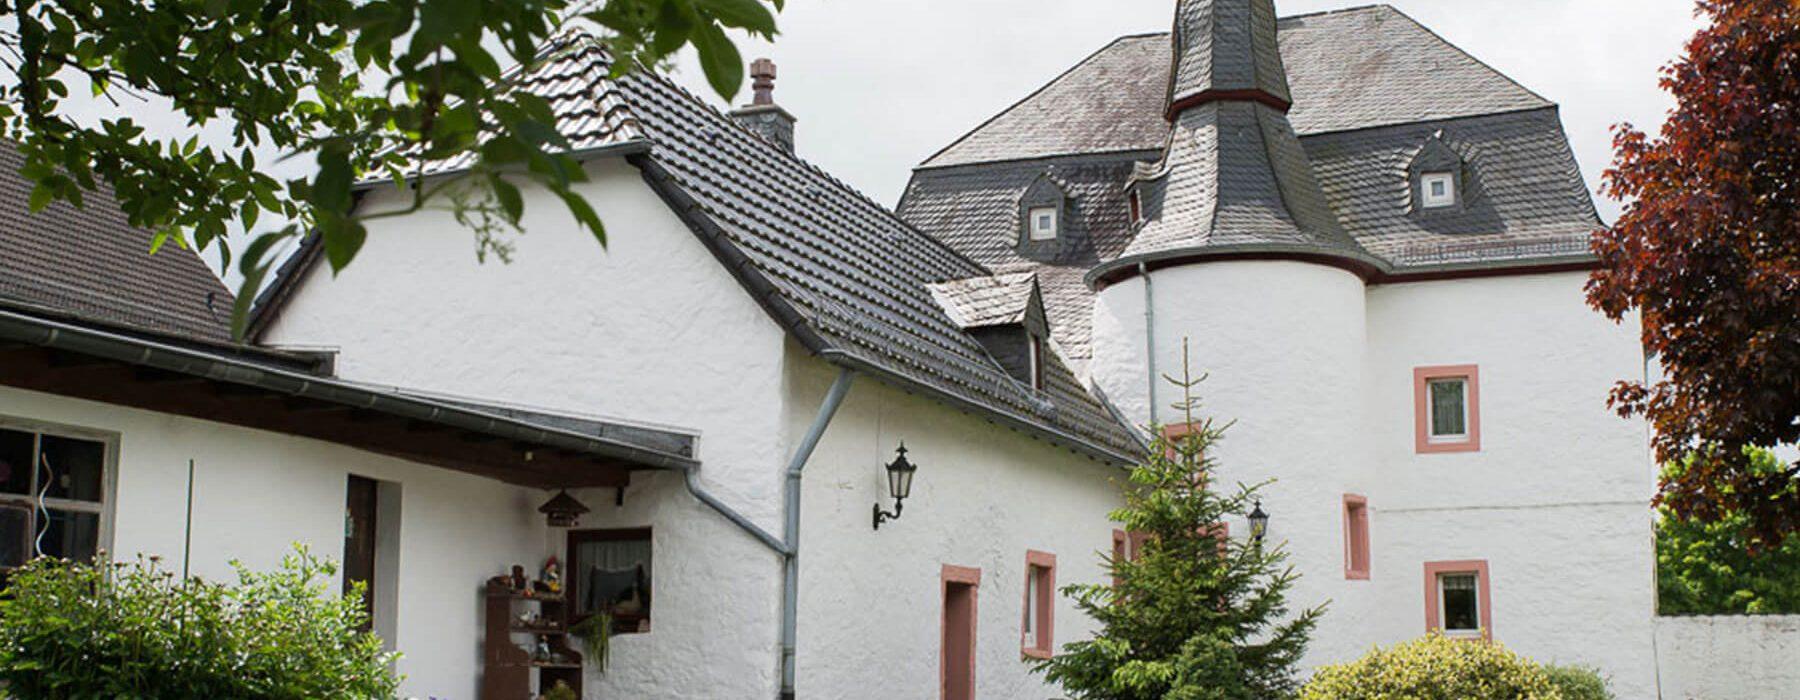 Außenaufnahme Haus